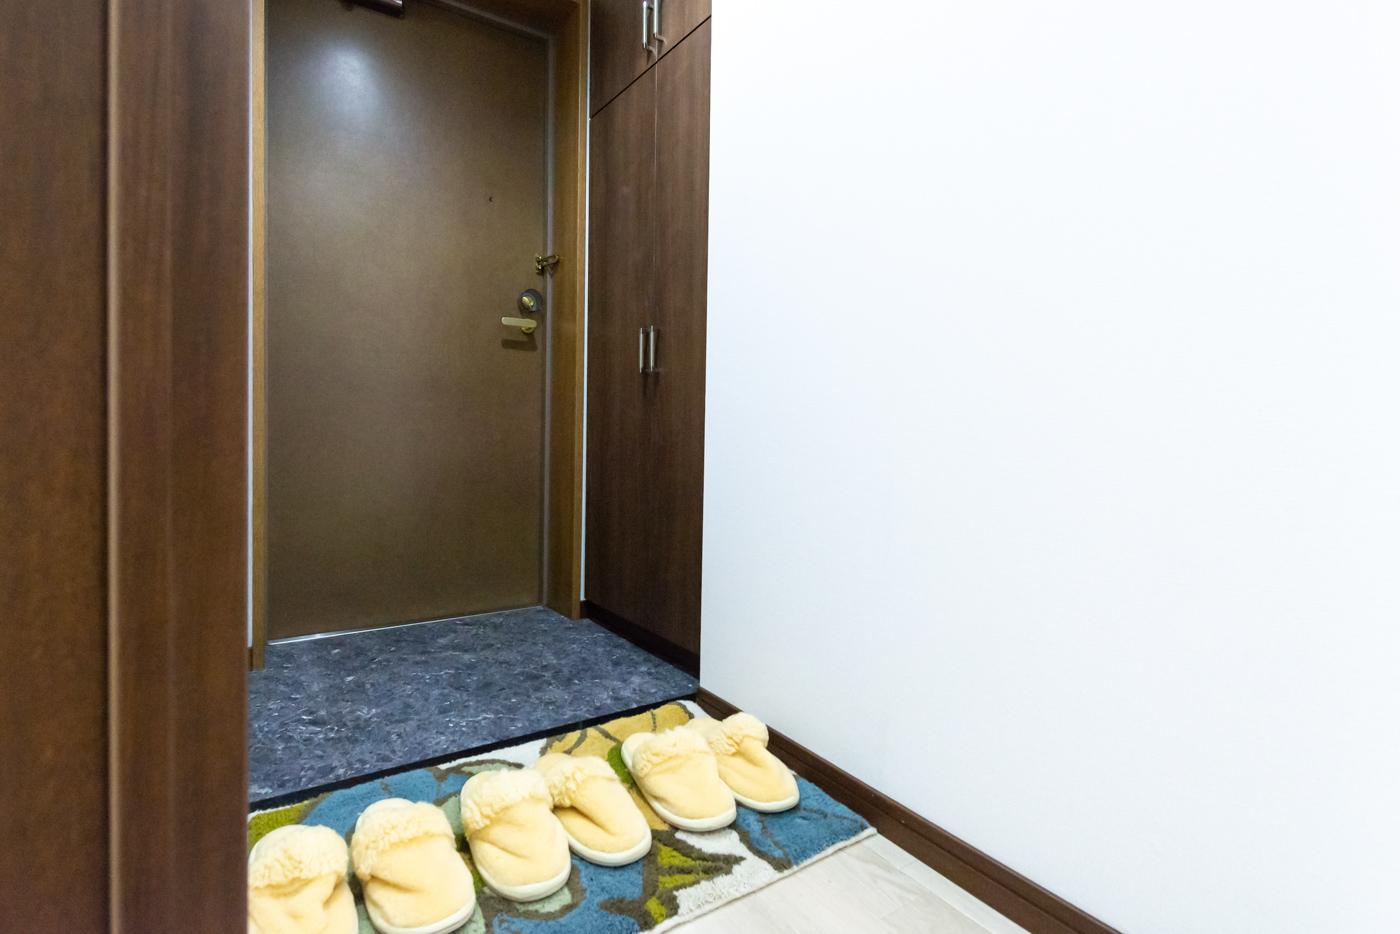 トール型玄関収納のある玄関